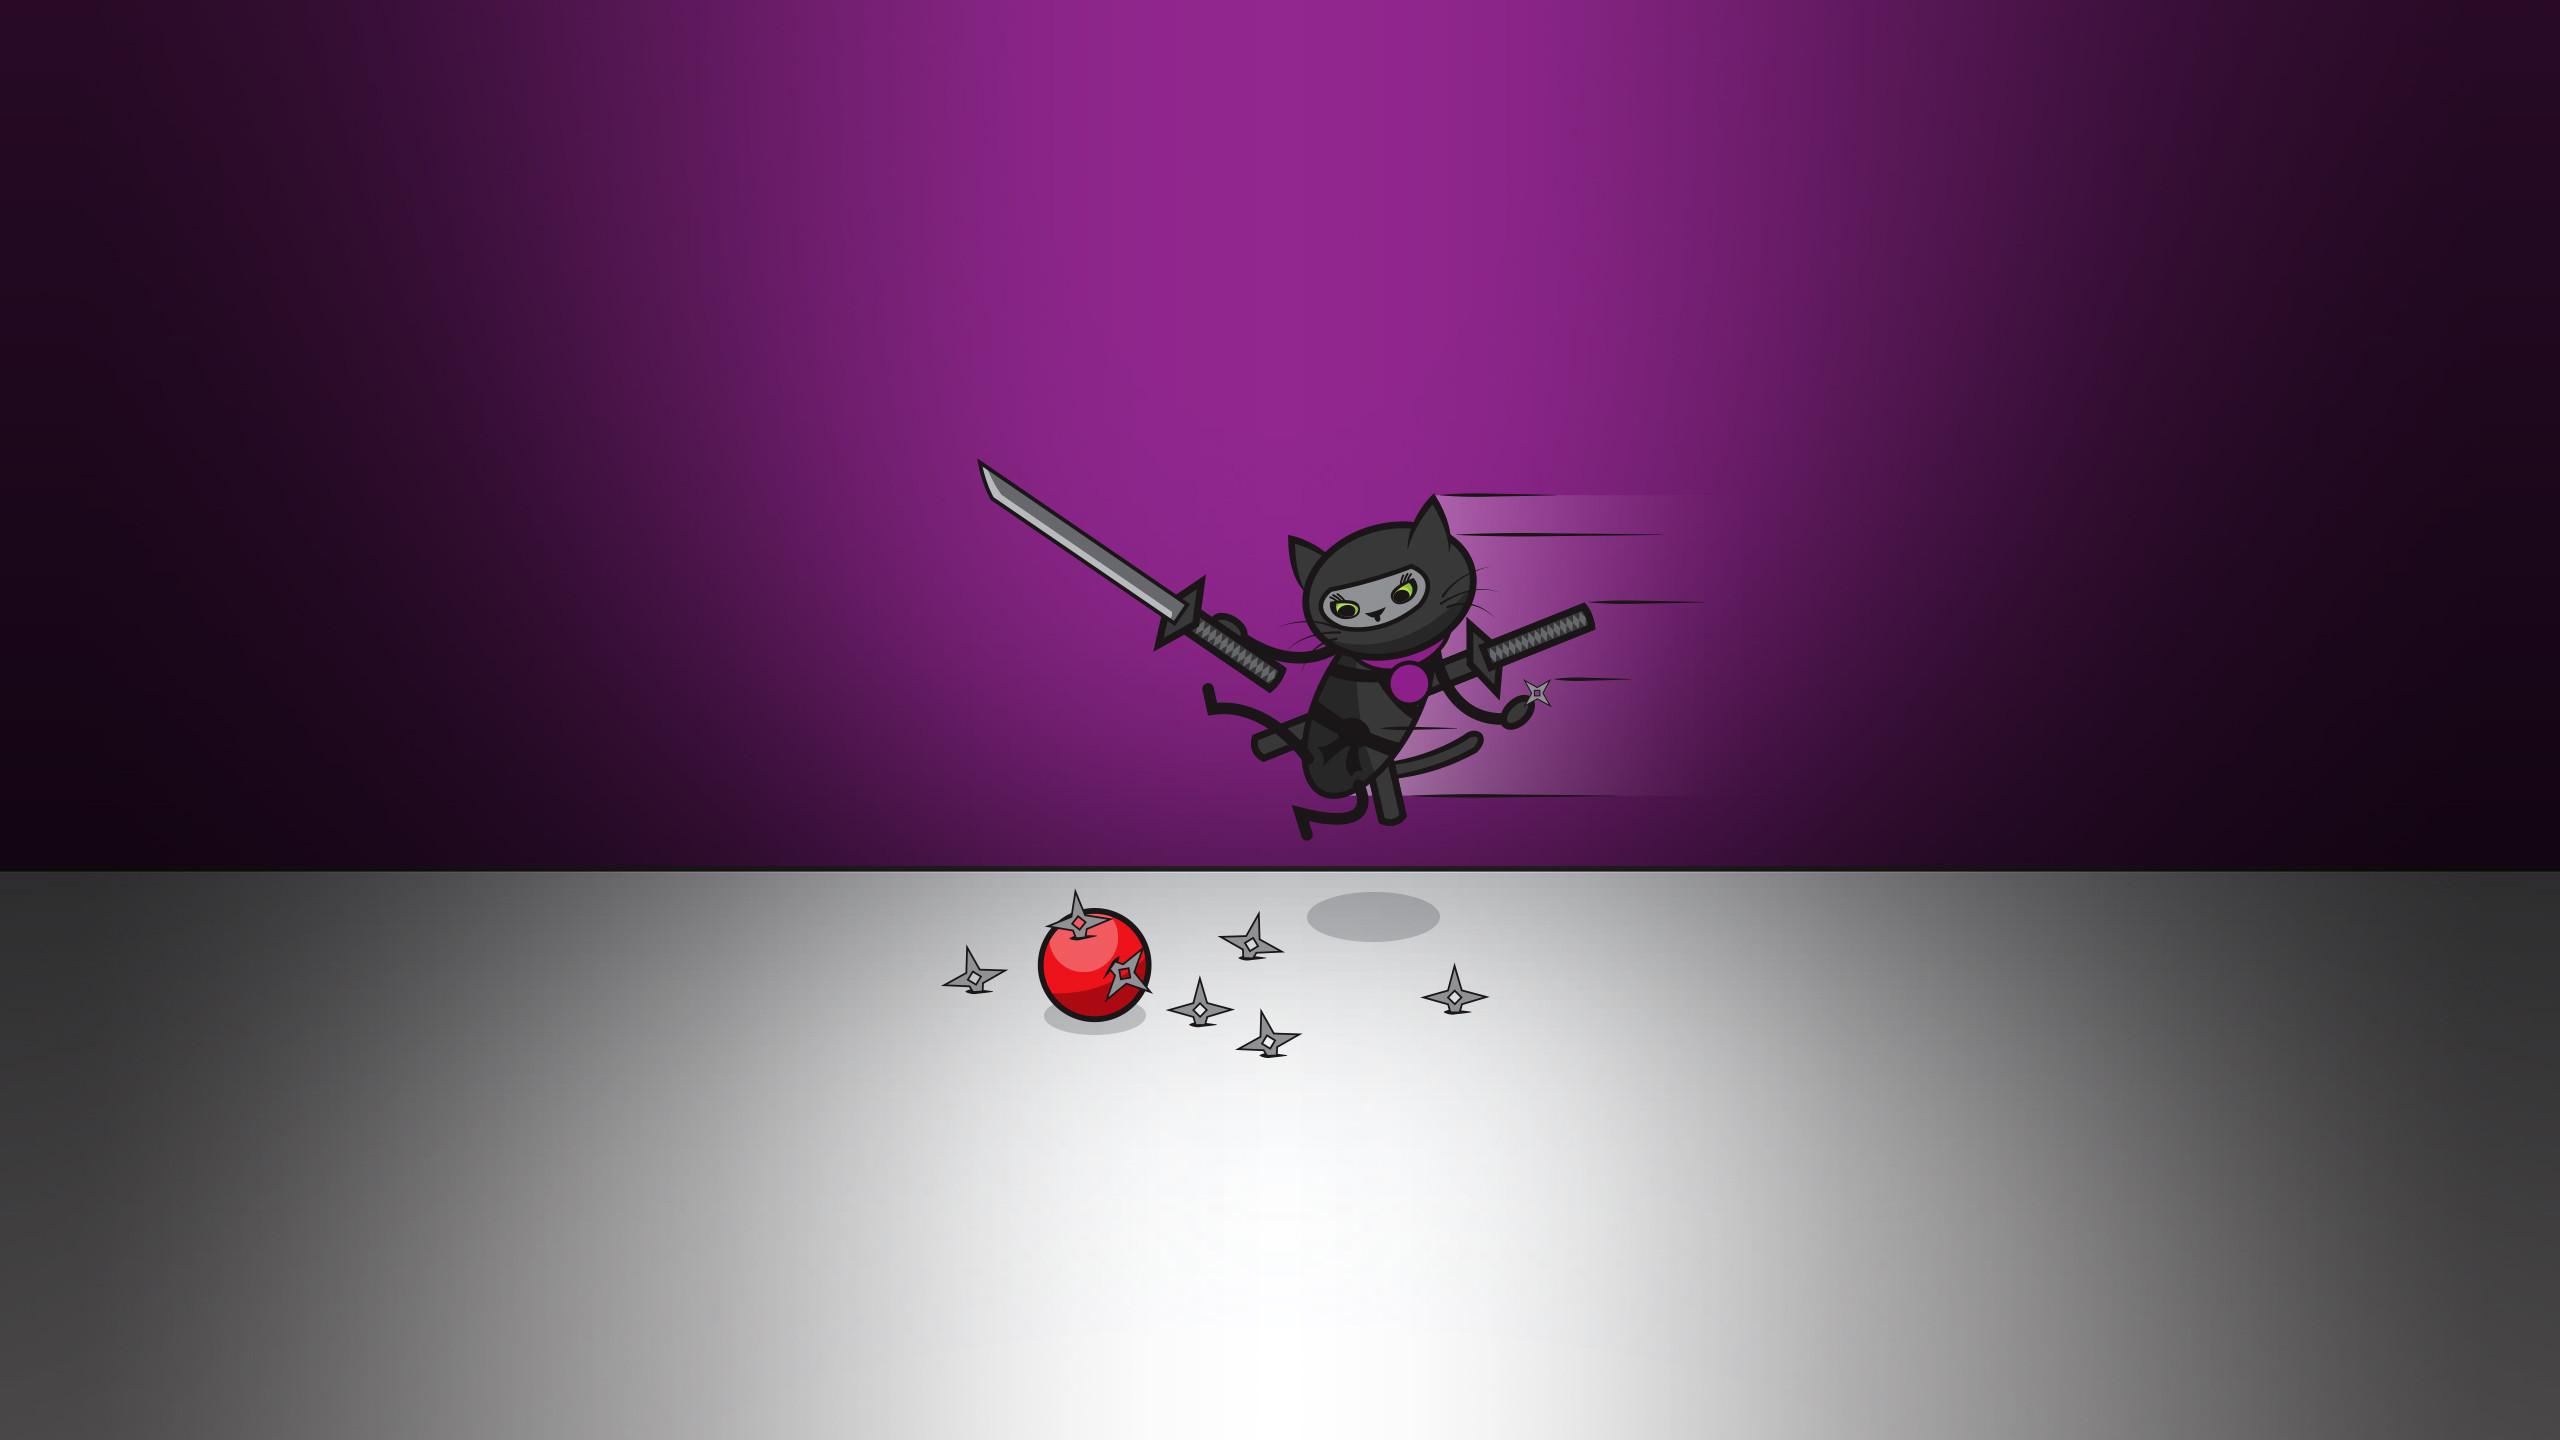 Res: 2560x1440, Fuglestix Smokey Ninja Cat Wallpaper. 1024x768 Mobile: 1280x1024 1600x1200  1920x1200